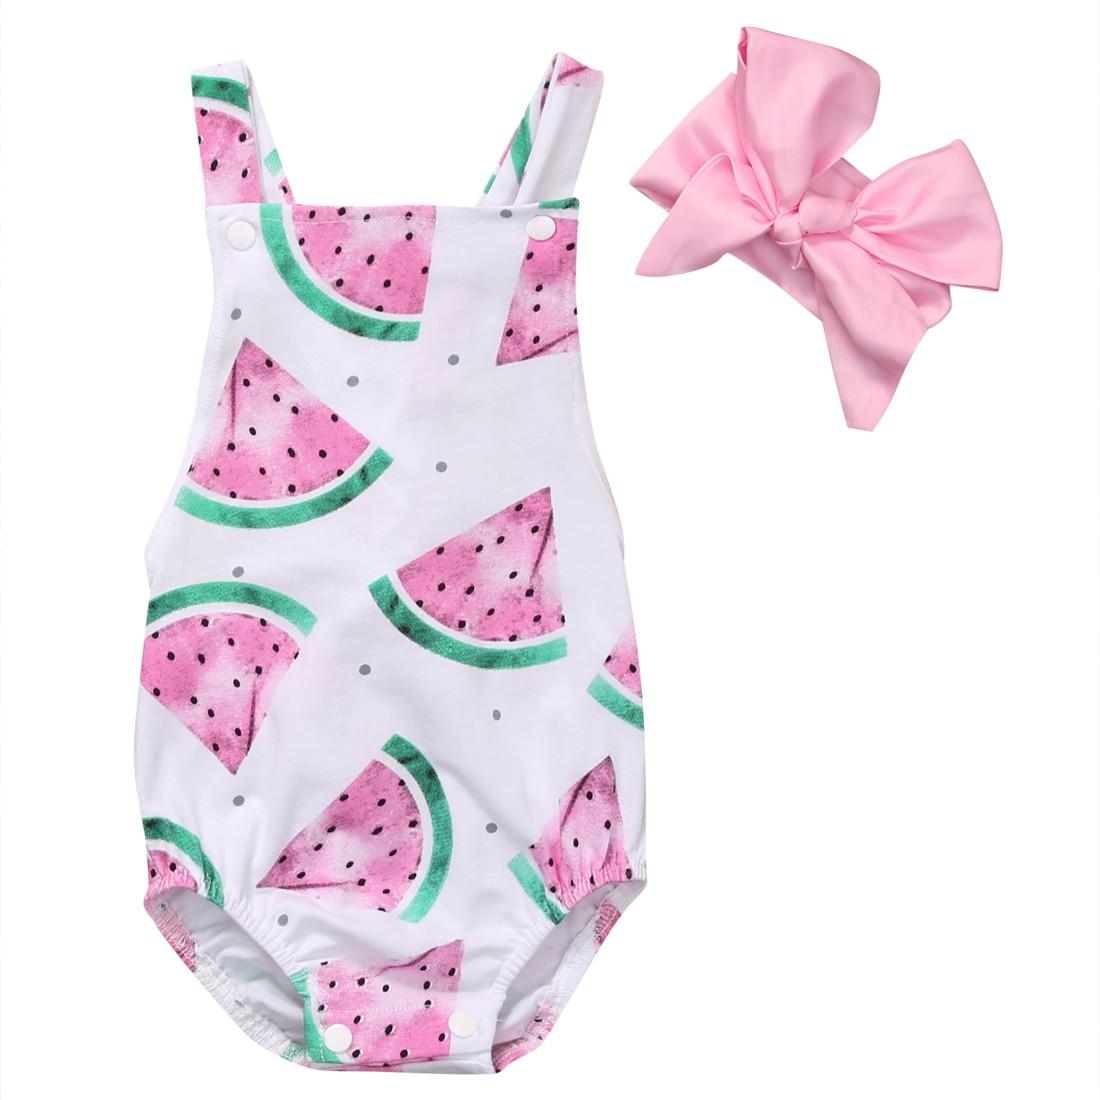 Καλοκαιρινό Cartoom Floral Χαριτωμένο μωρό Παιδικό καροτσάκι Baby κορίτσια Καρπούζι Εκτύπωση Κορμάκι με ρούχα κεφαλής Sunsuit Ρούχα 0-24M